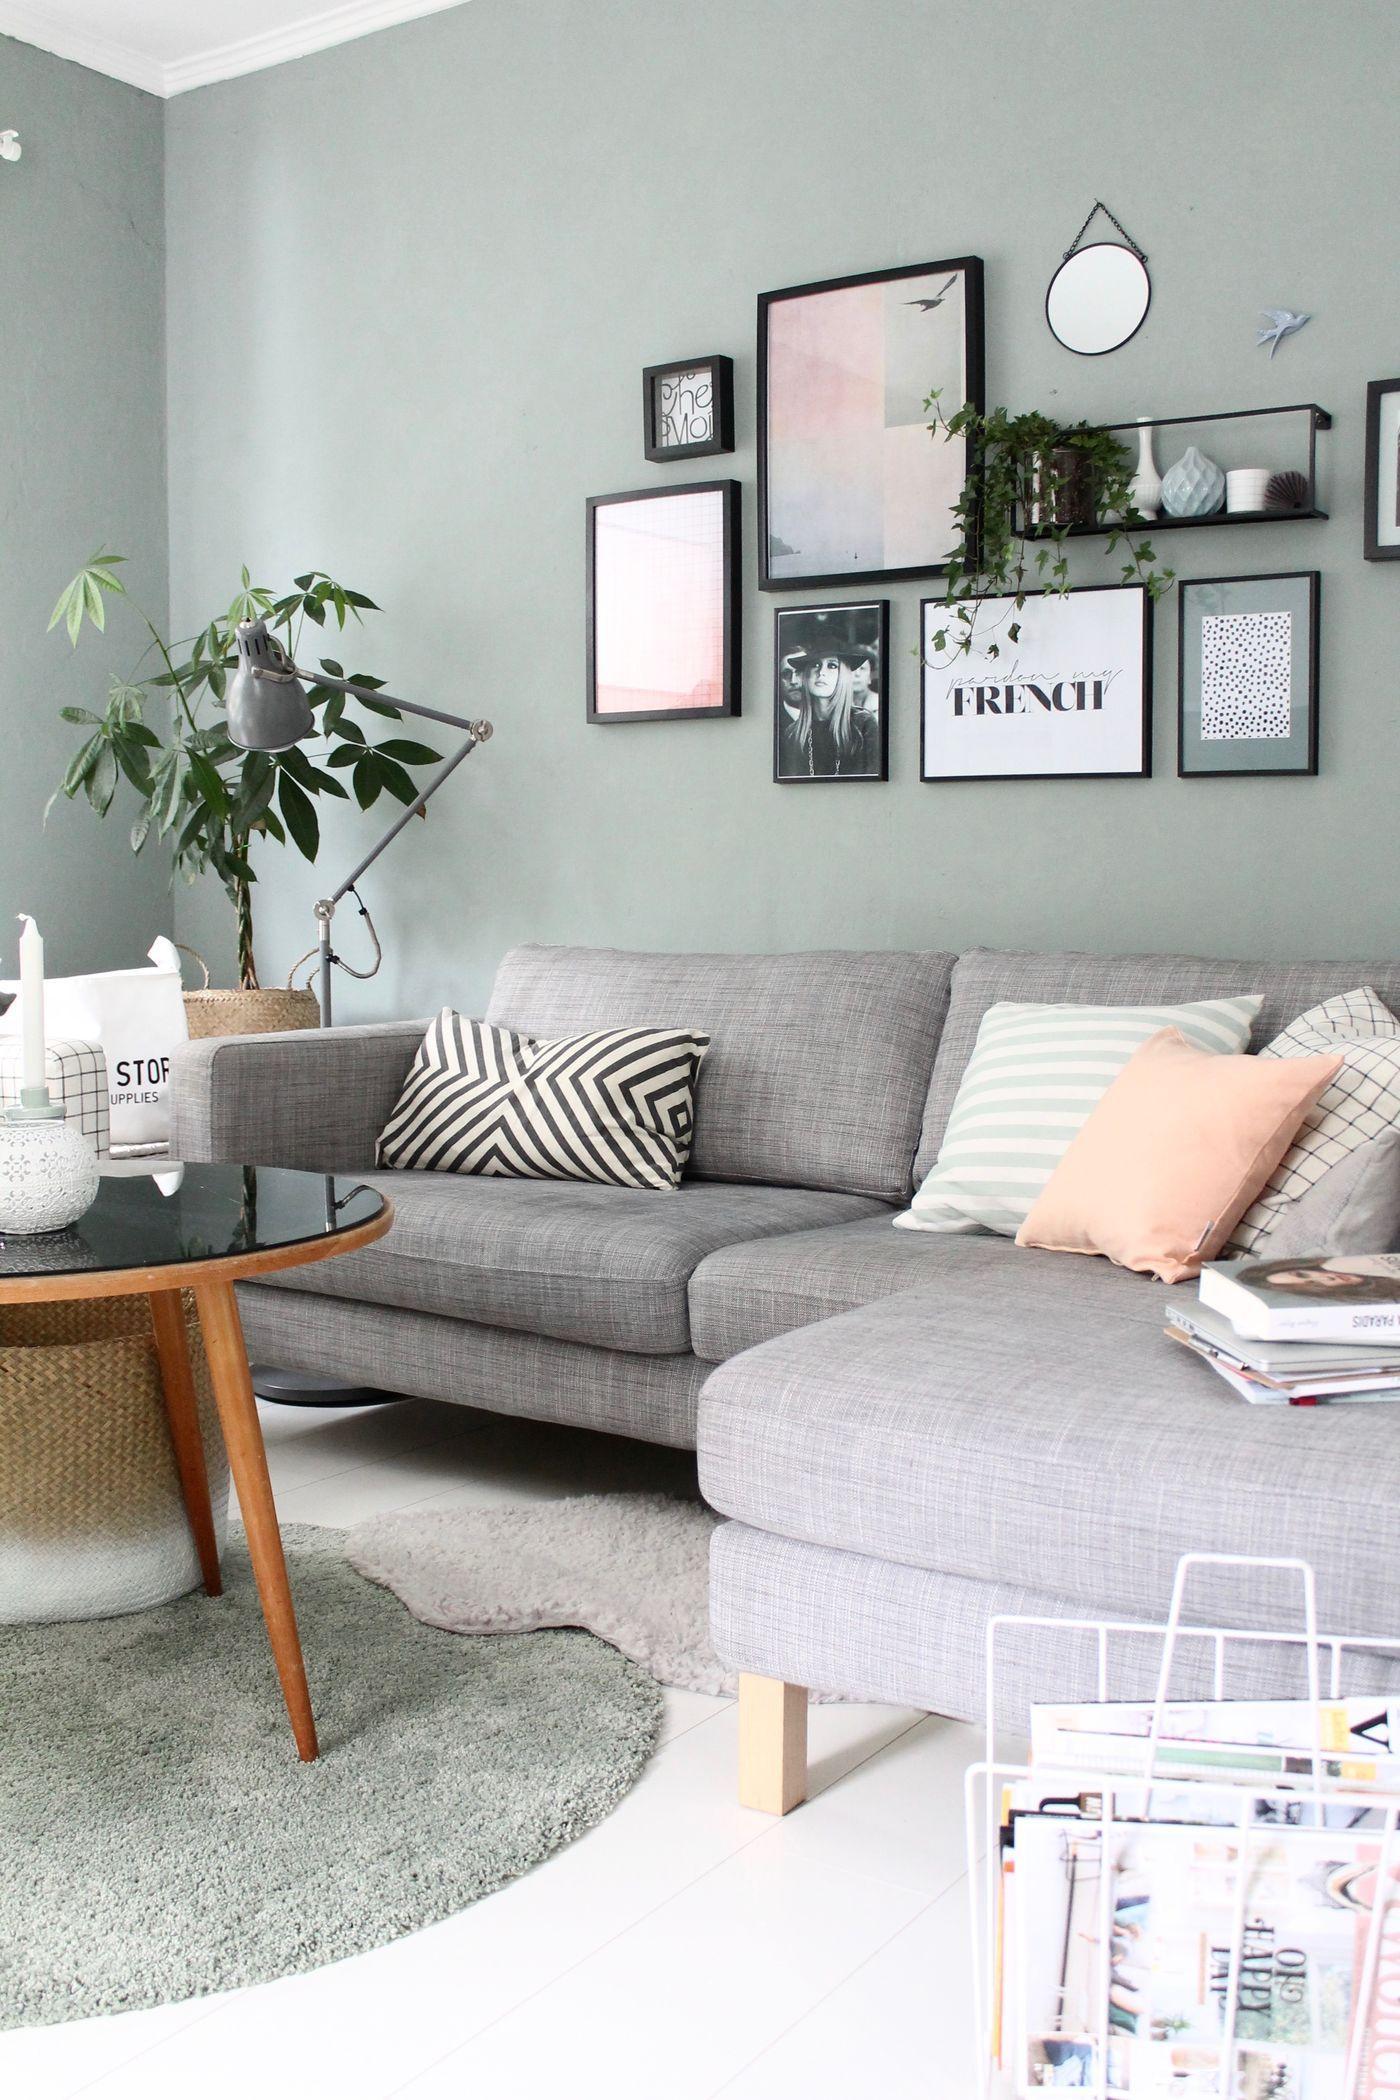 Wandgestaltung Wohnzimmer Grau Türkis